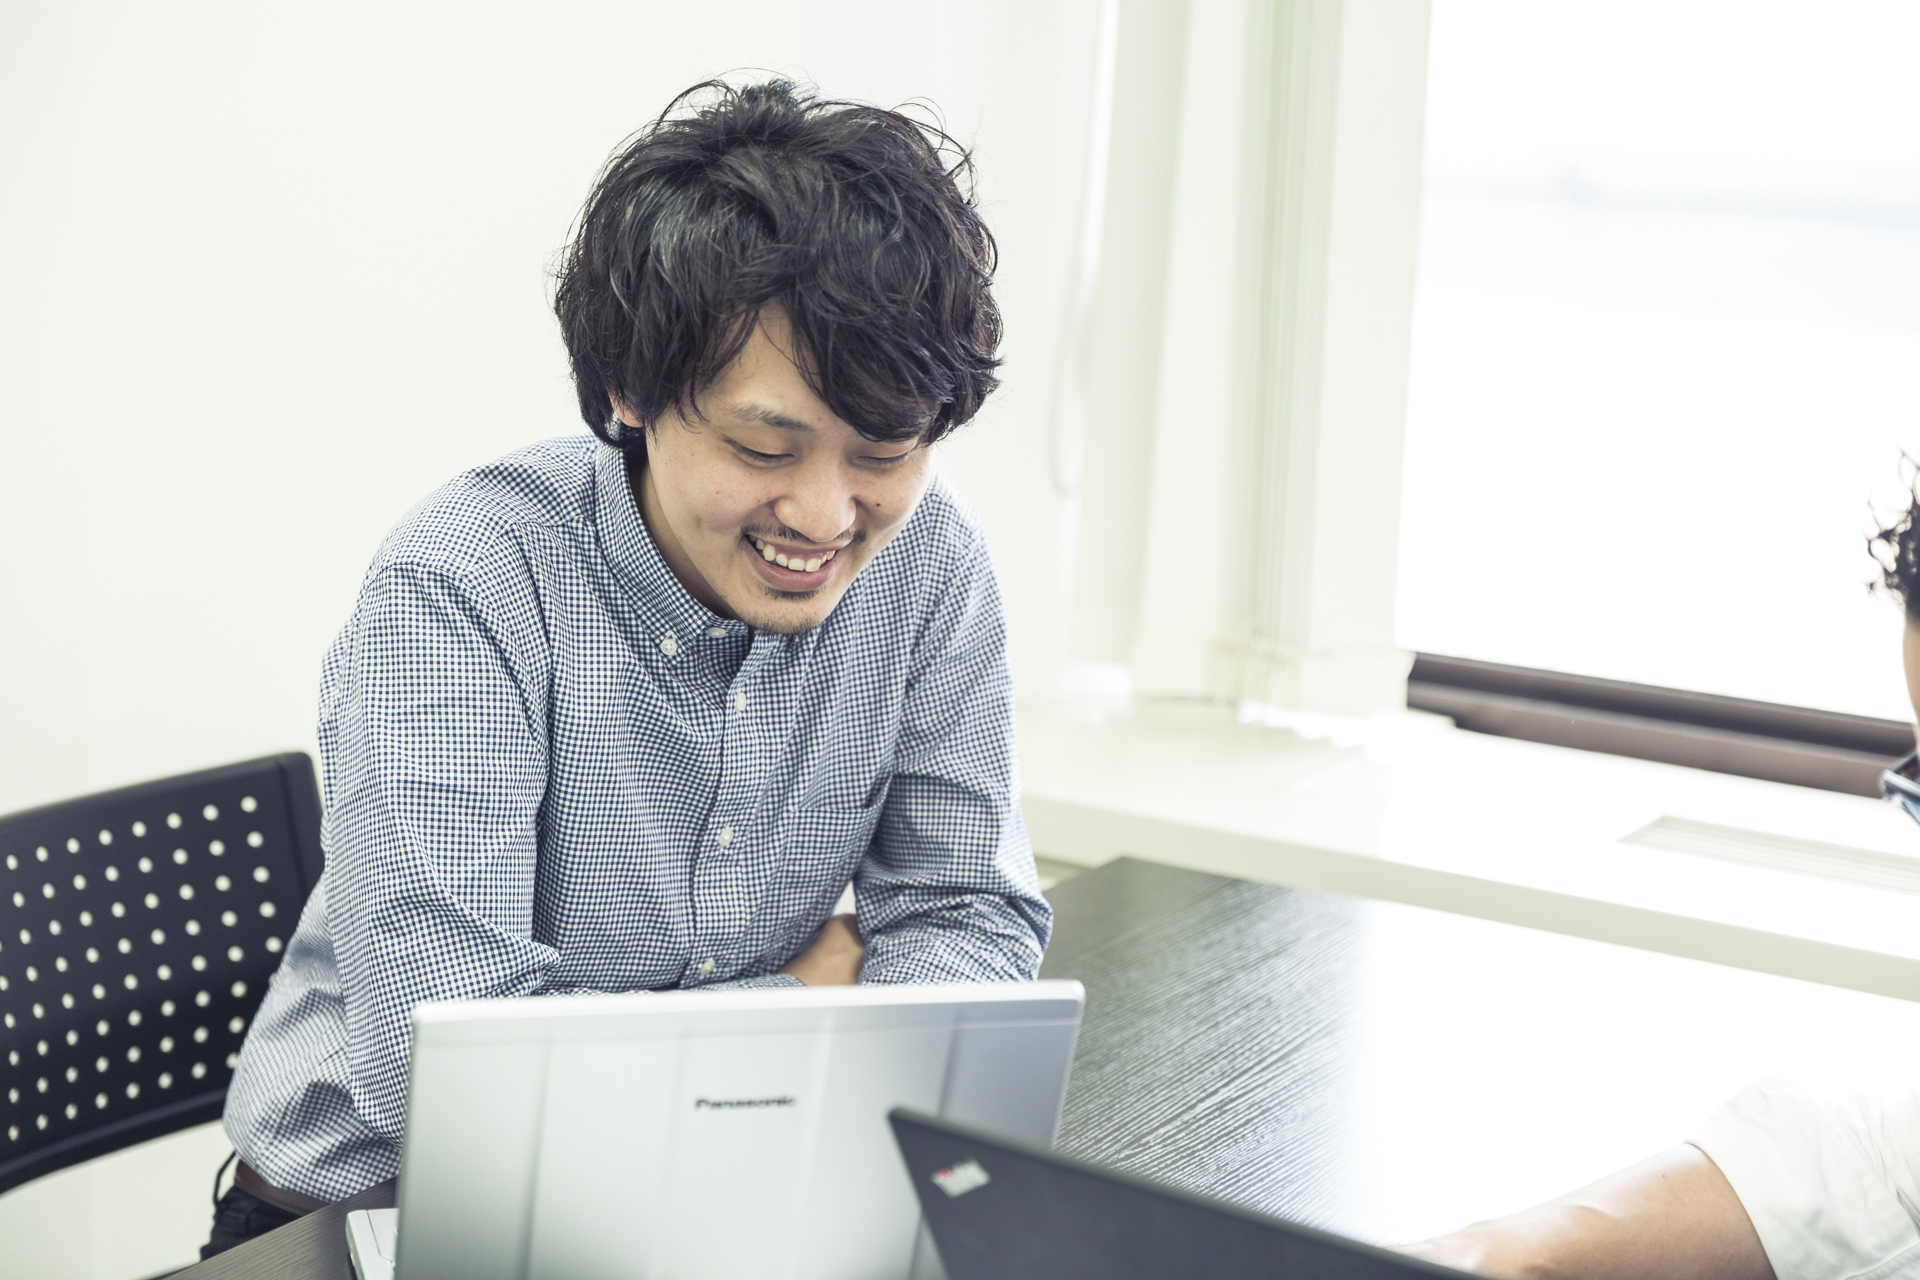 【社員インタビュー】コンサル部スタッフの1日